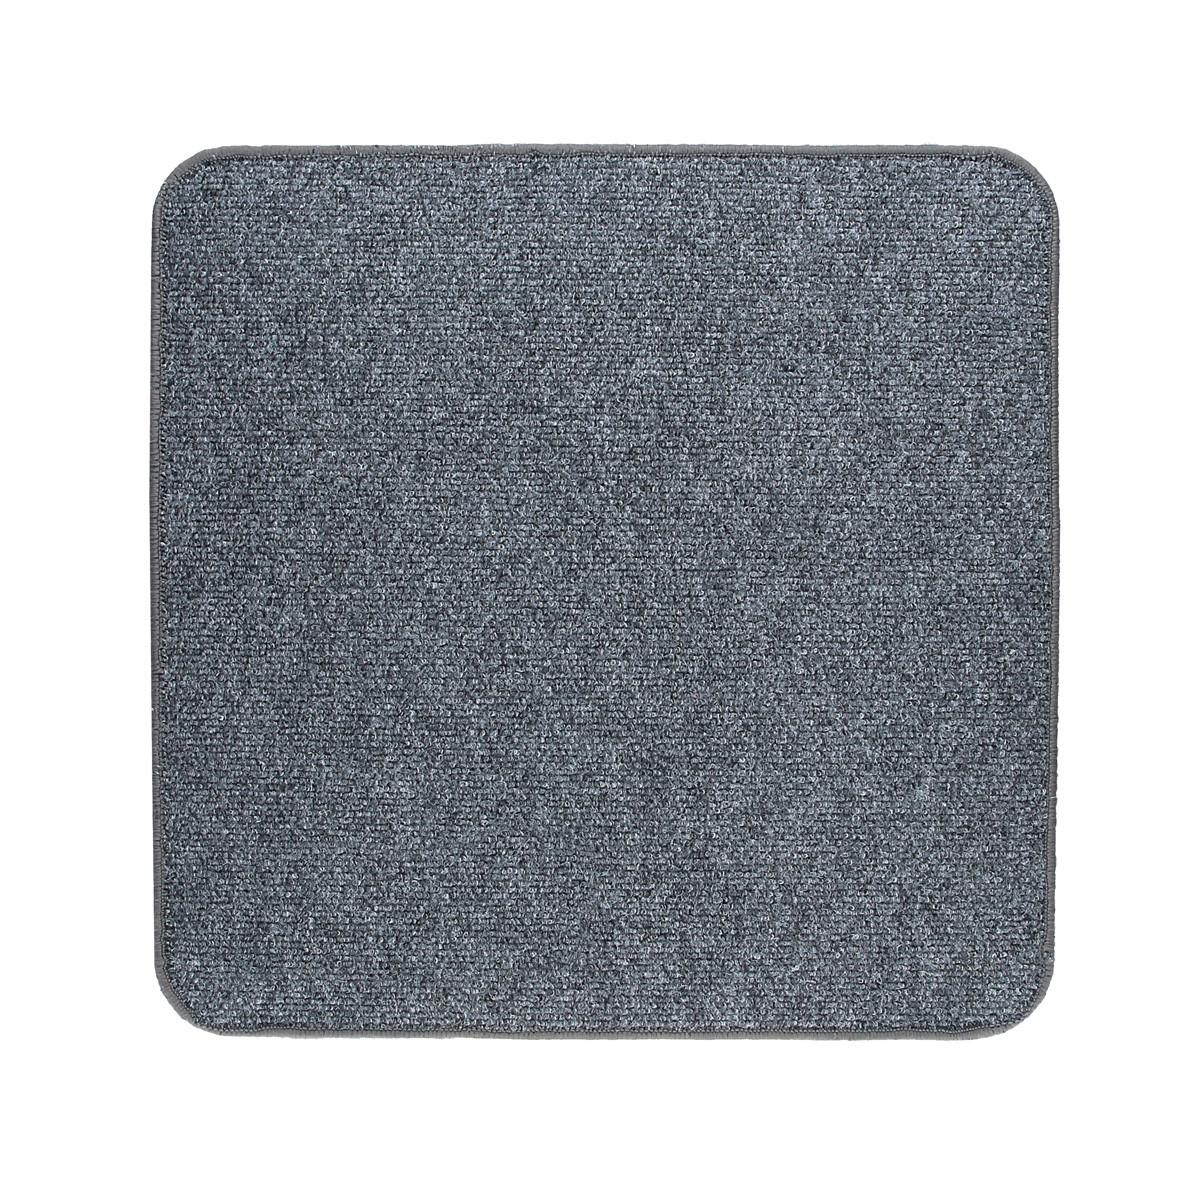 Електричний килимок з підігрівом Теплик з термо і гідроізоляцією 100 х 100 см Темно-сірий